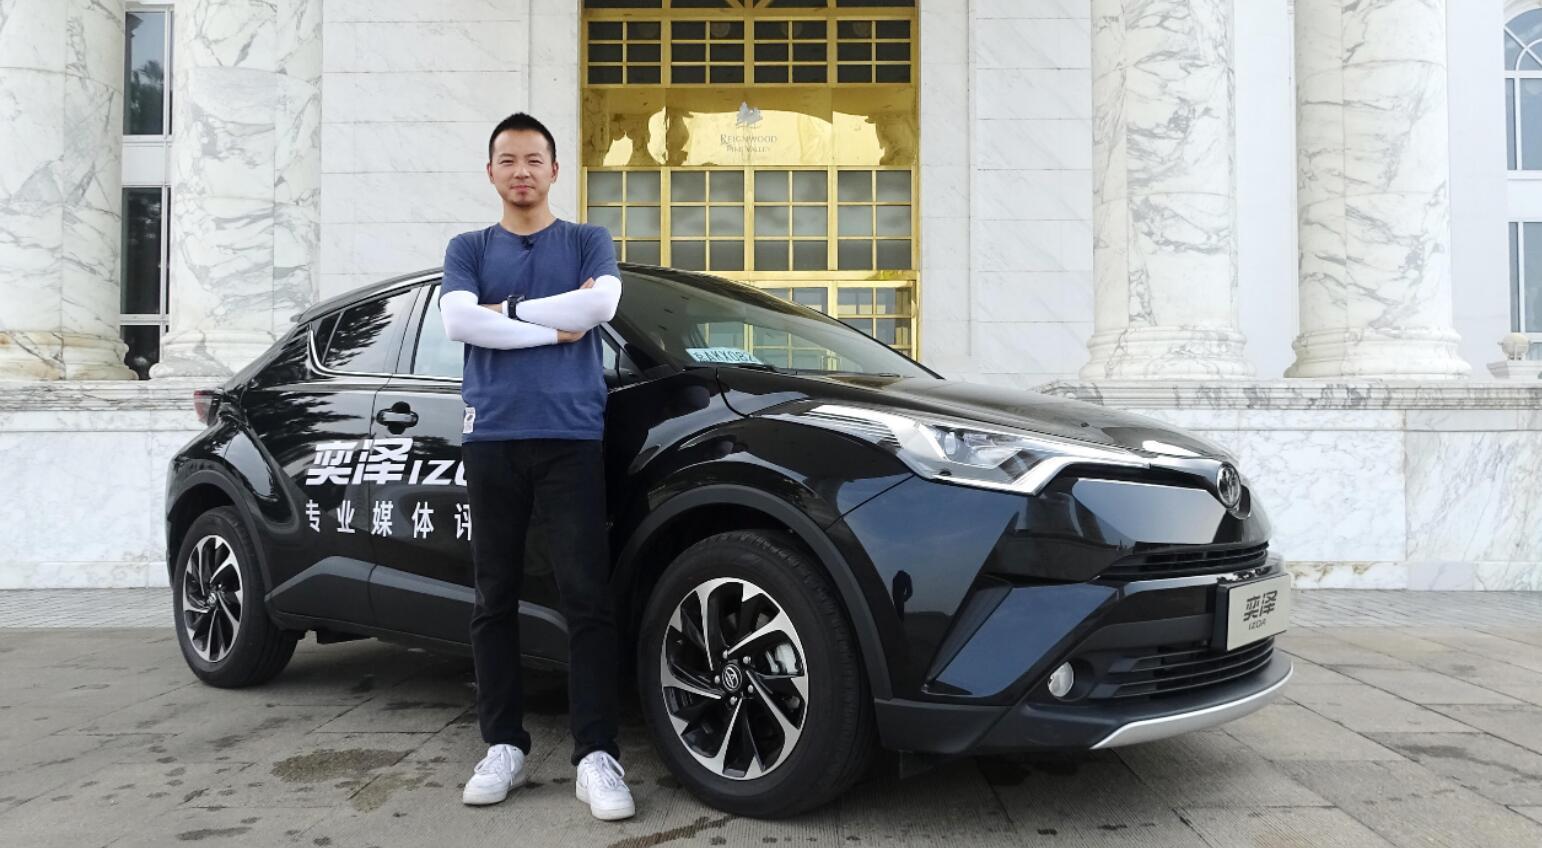 【老司机试车】胡正阳聊一汽丰田奕泽IZOA,同级别最关注驾驶感受的车型